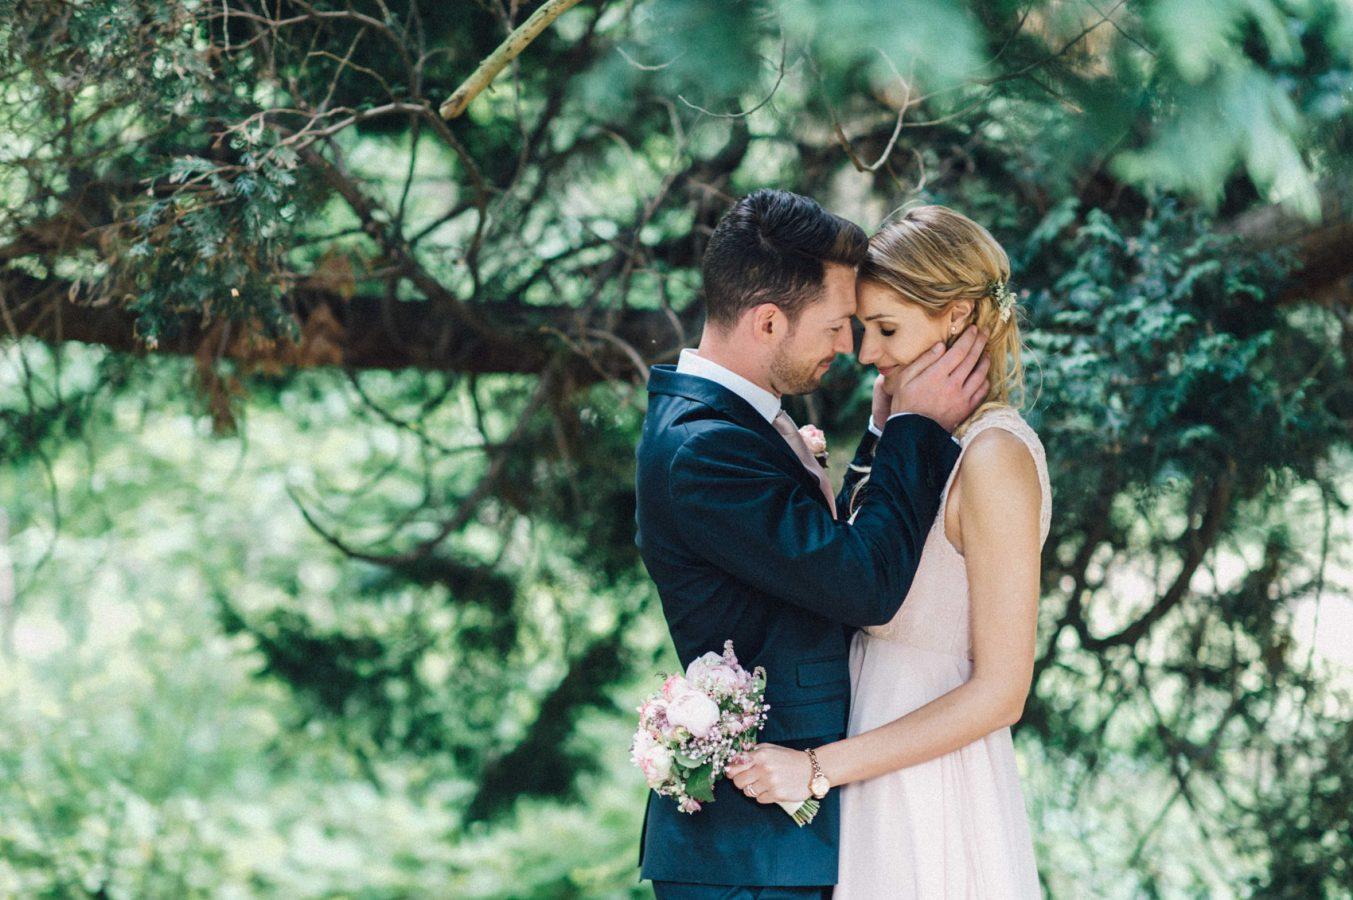 Fotos HochzeitsreportagenFotoskreativ wedding bohemian hochzeitsfotos 84